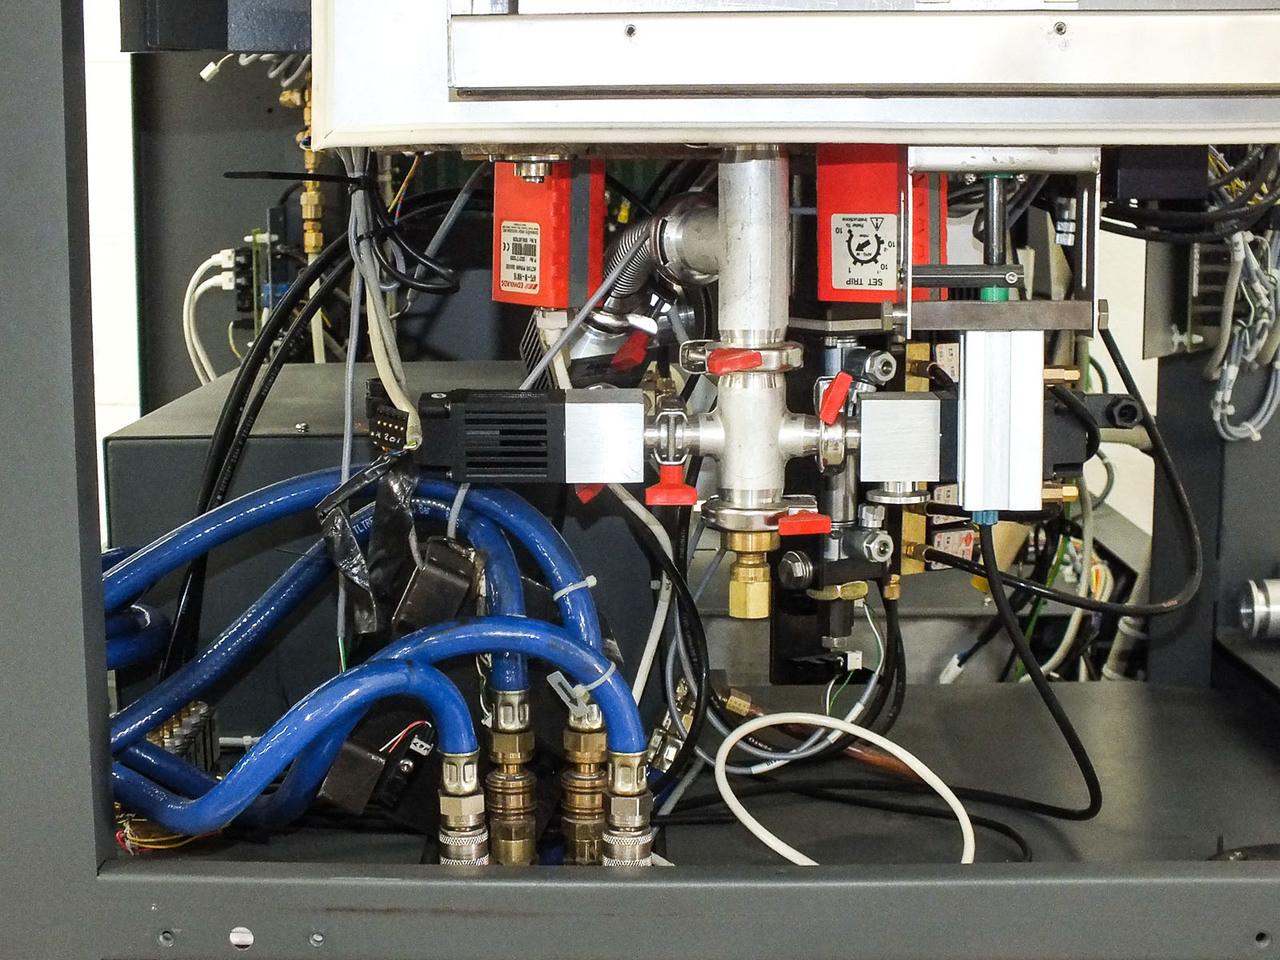 Philips PW-2800 XRF Wafer Analyzer   RecycledGoods.com